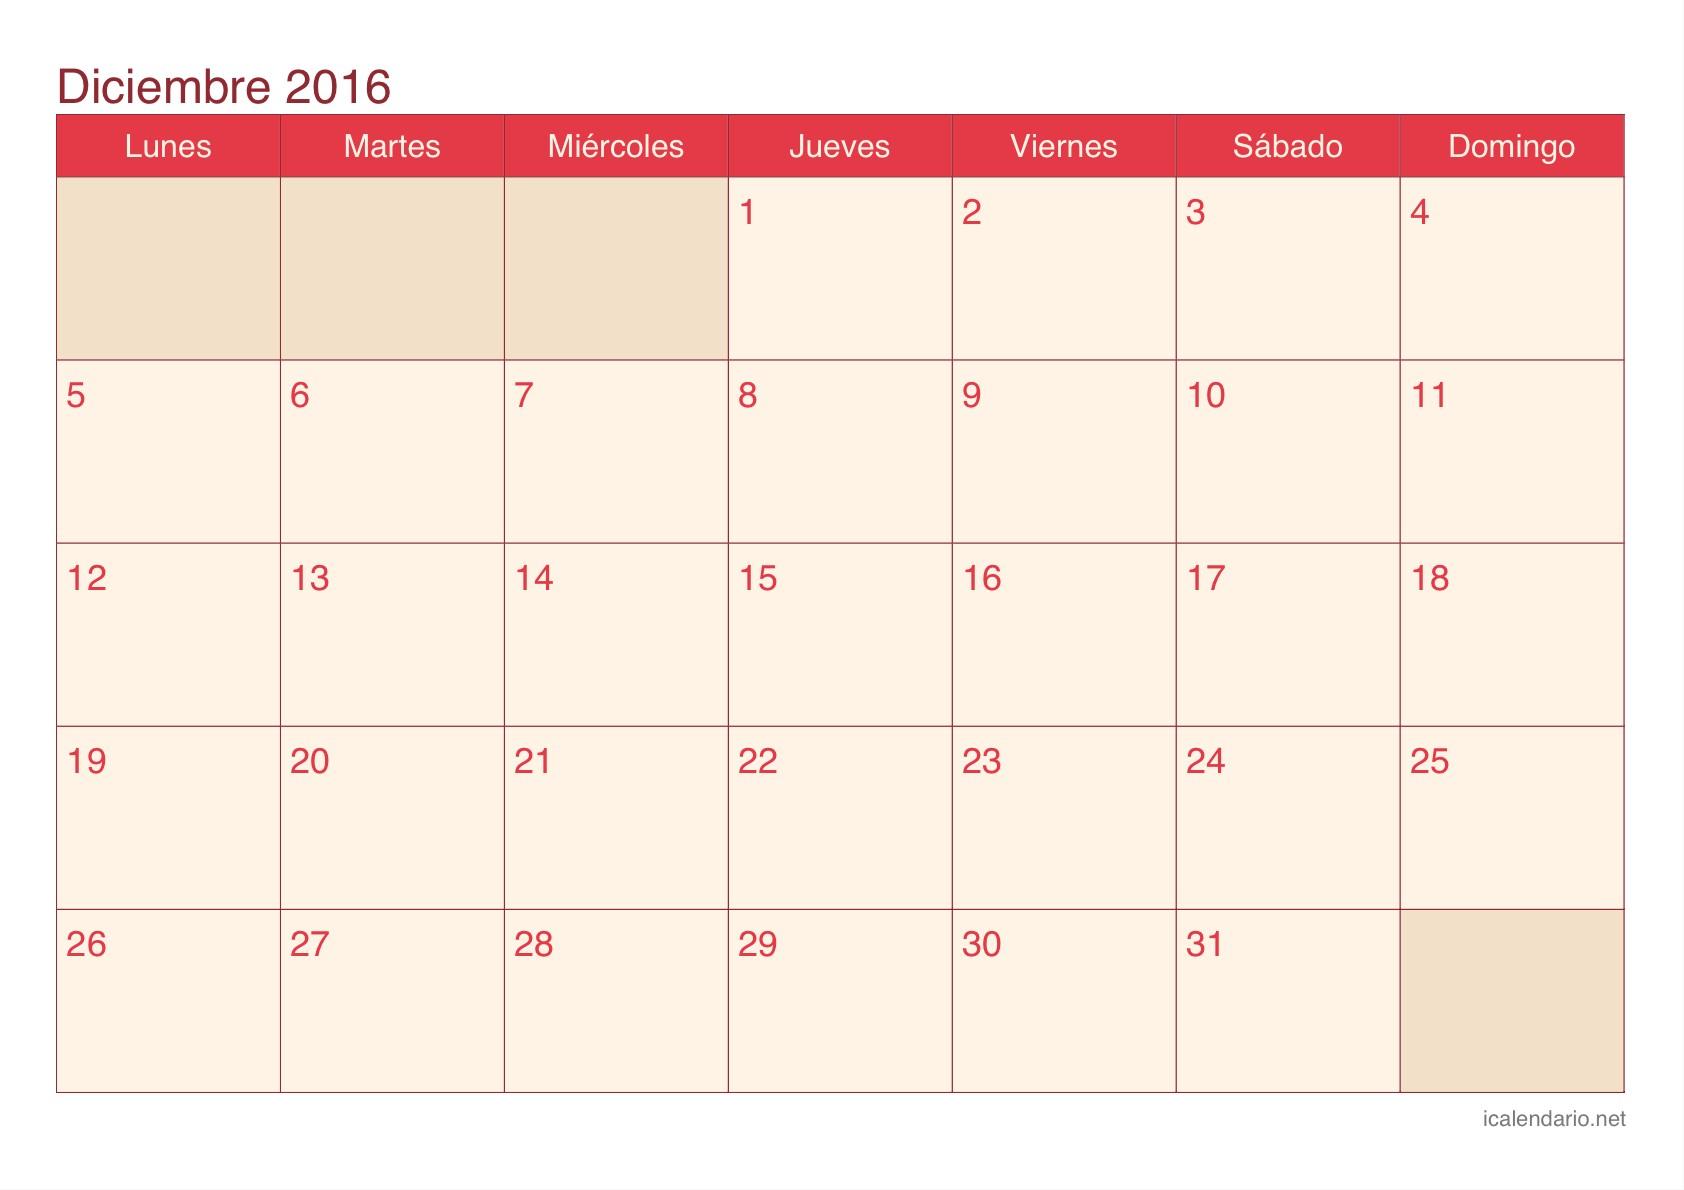 Calendario de diciembre 2016 cherry Calendario de diciembre 2016 cherry